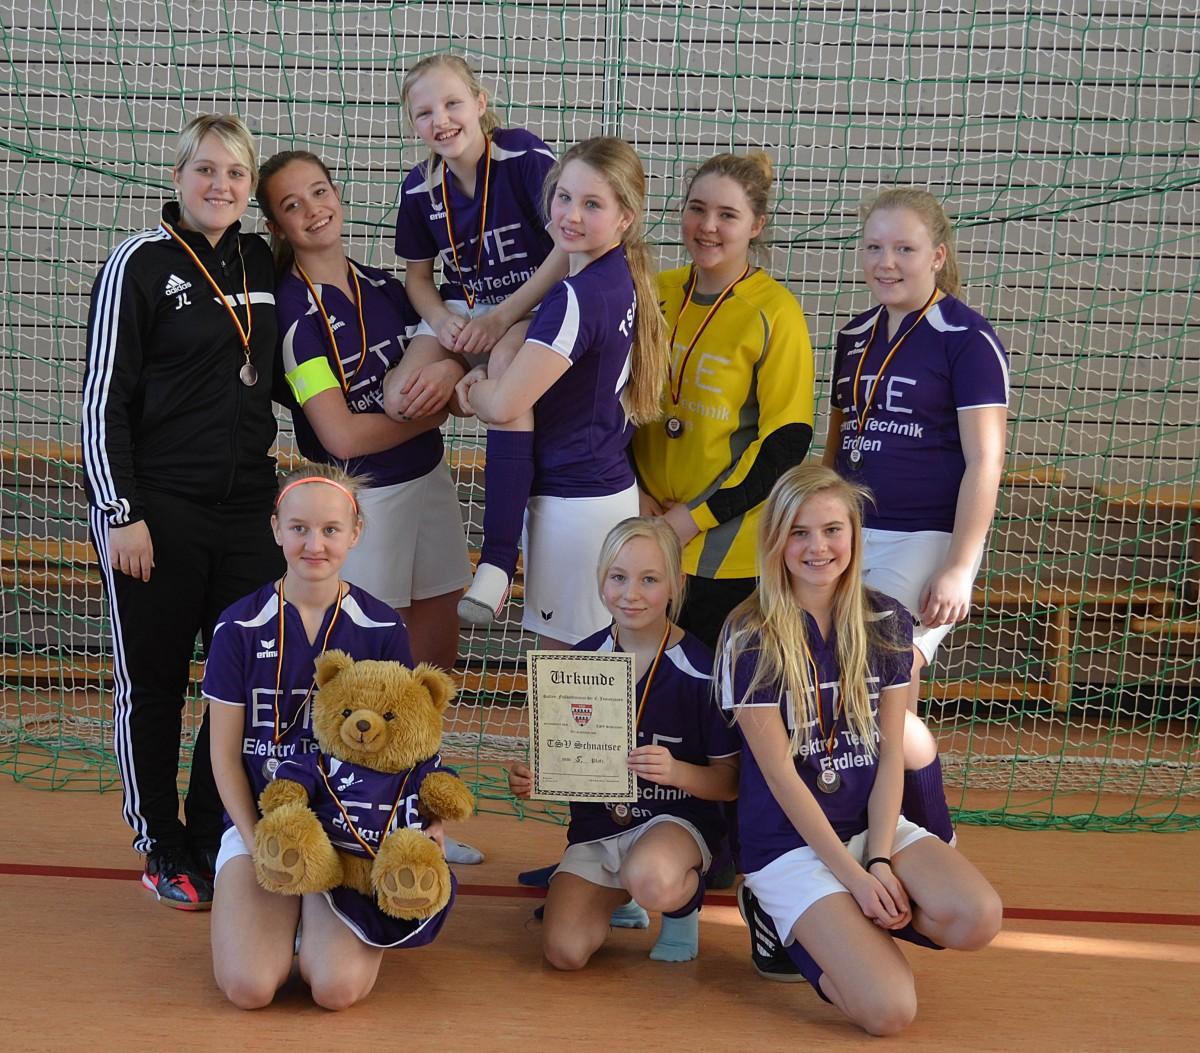 Erstmals fand in Schnaitsee auch ein Turnier für C-Juniorinnen statt. Das neue Schnaitseer Team mit Trainerin Jessica Lipold belegte am Ende den fünften Platz.